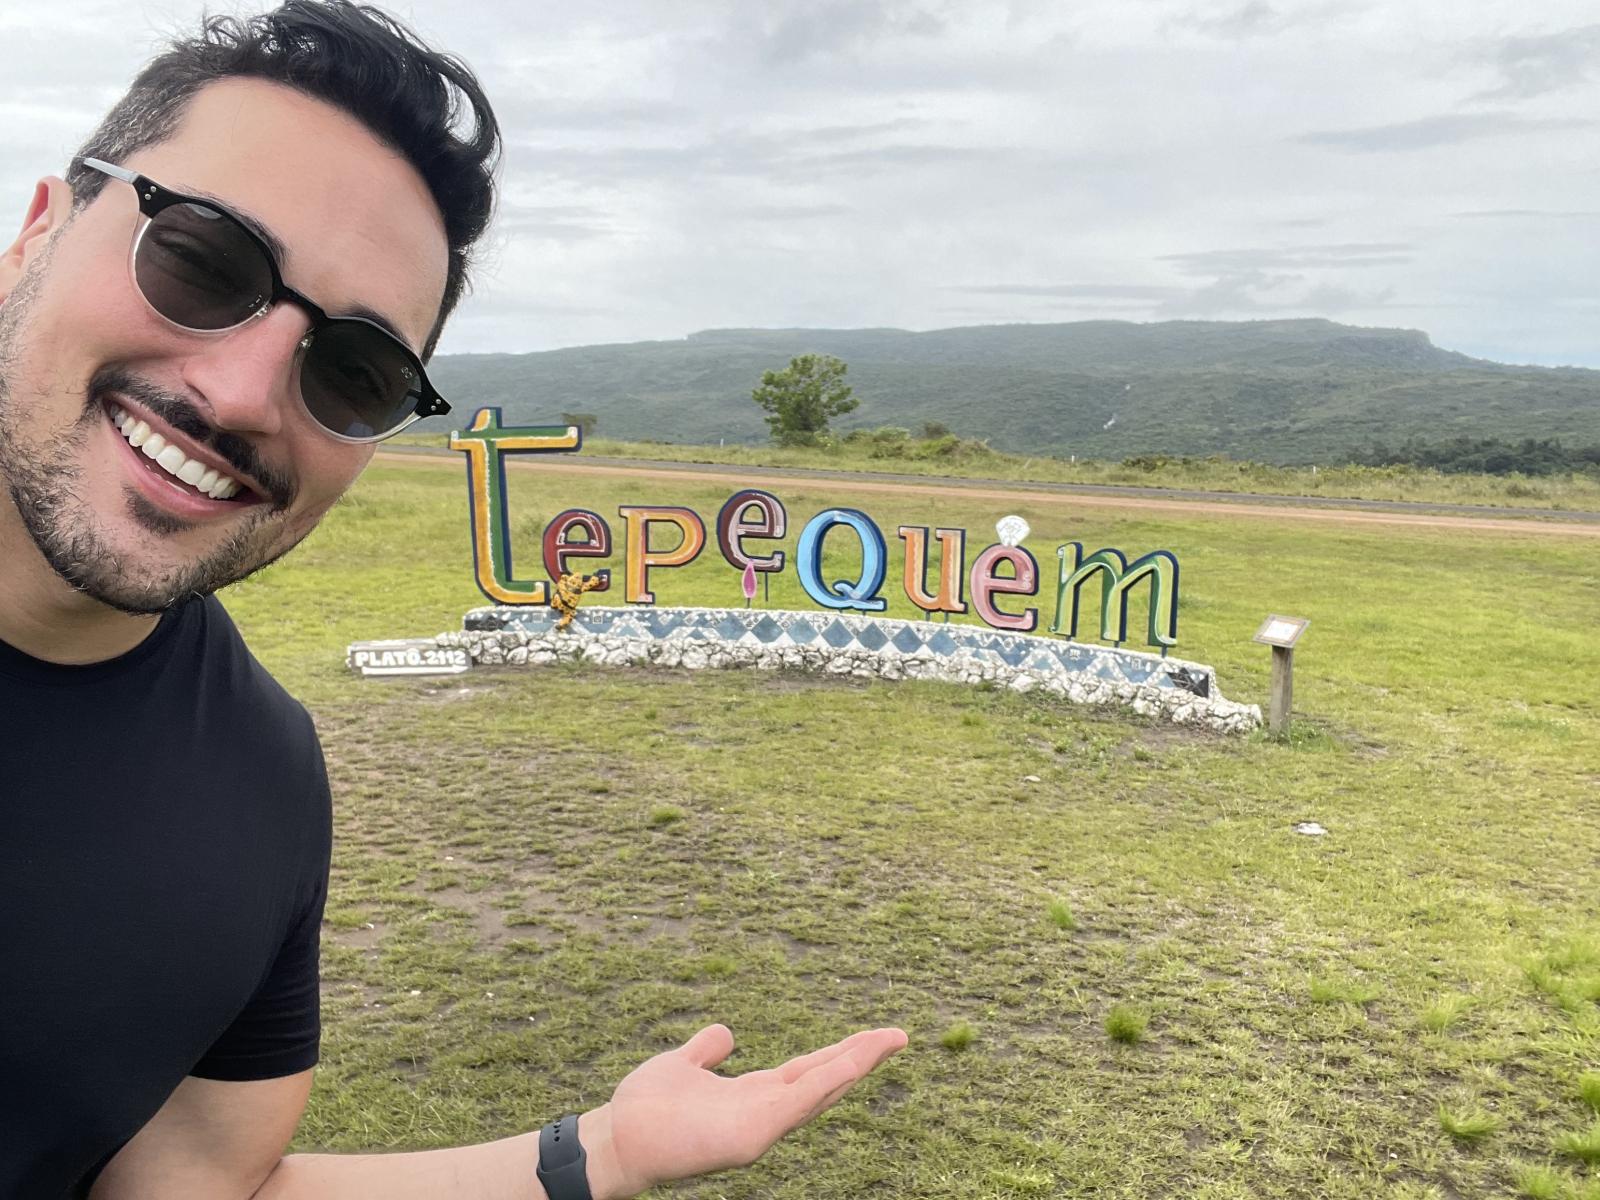 Serra-do-Tepequém-2